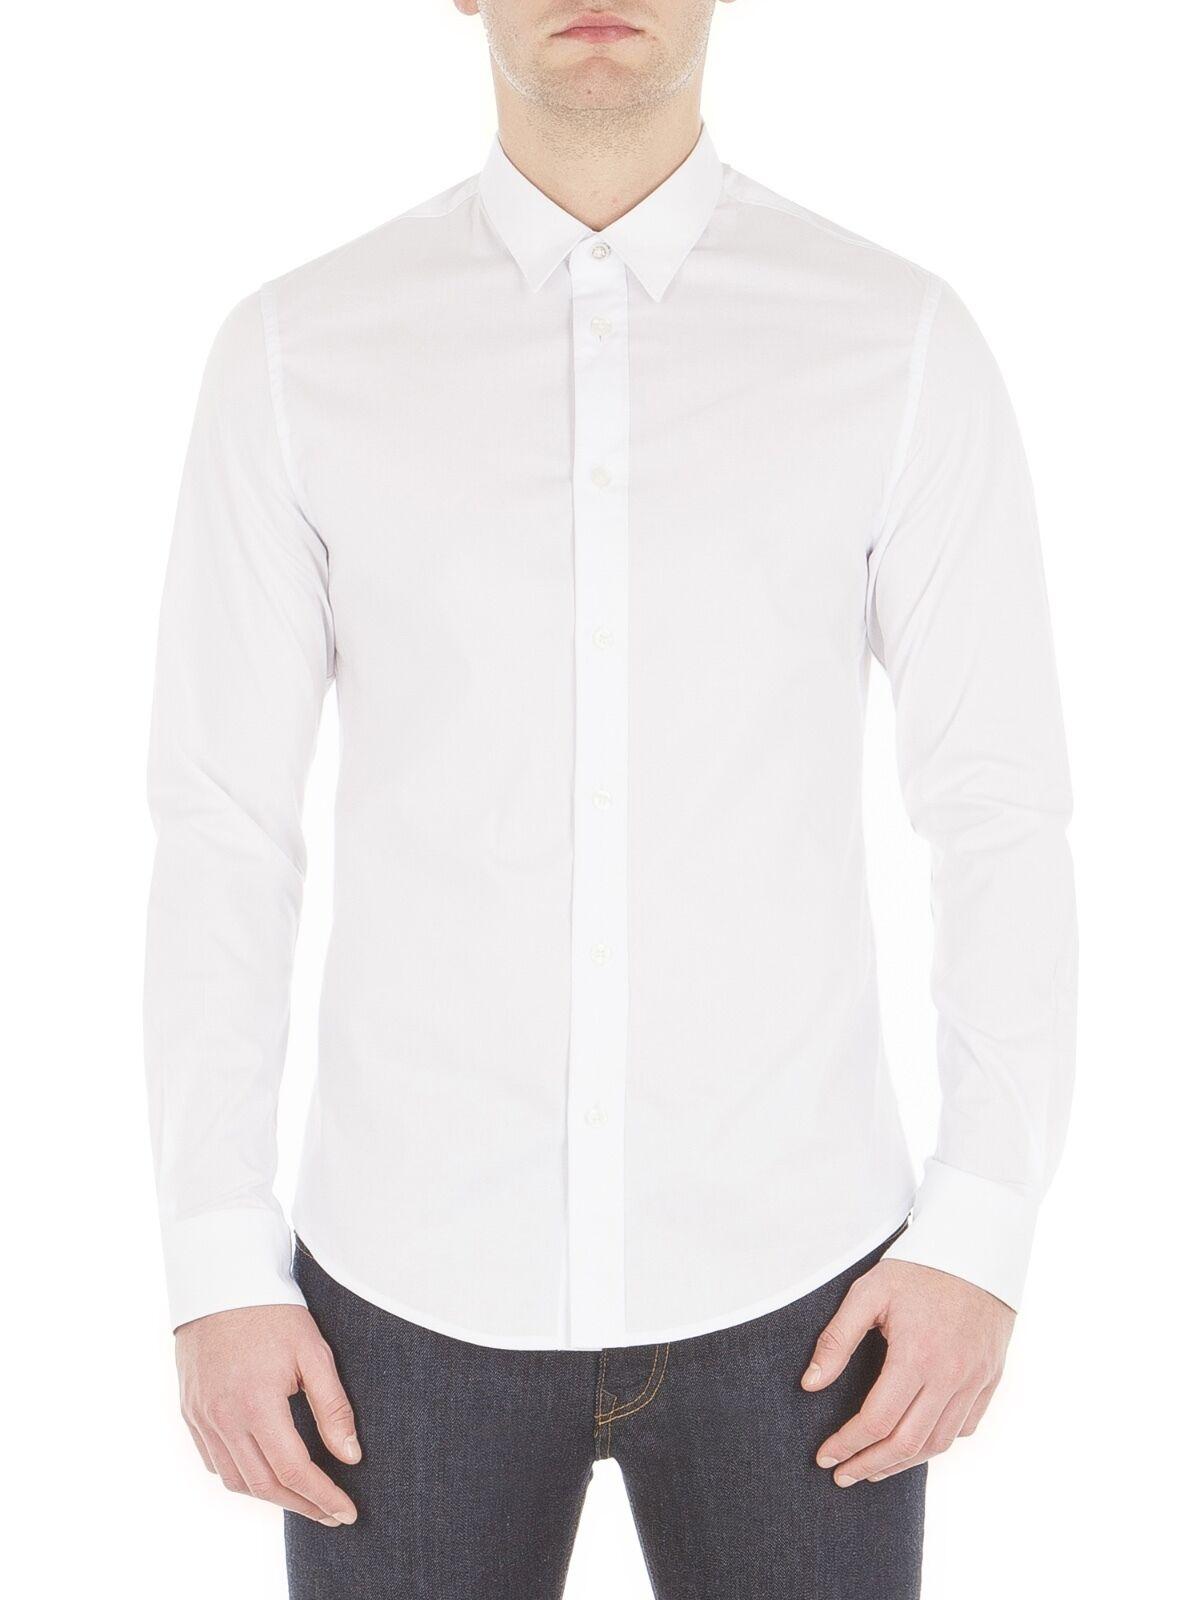 Ben Sherman Da Uomo cotone stretch Popeline Camicia Slim Fit Manica Lunga Colletto regolare